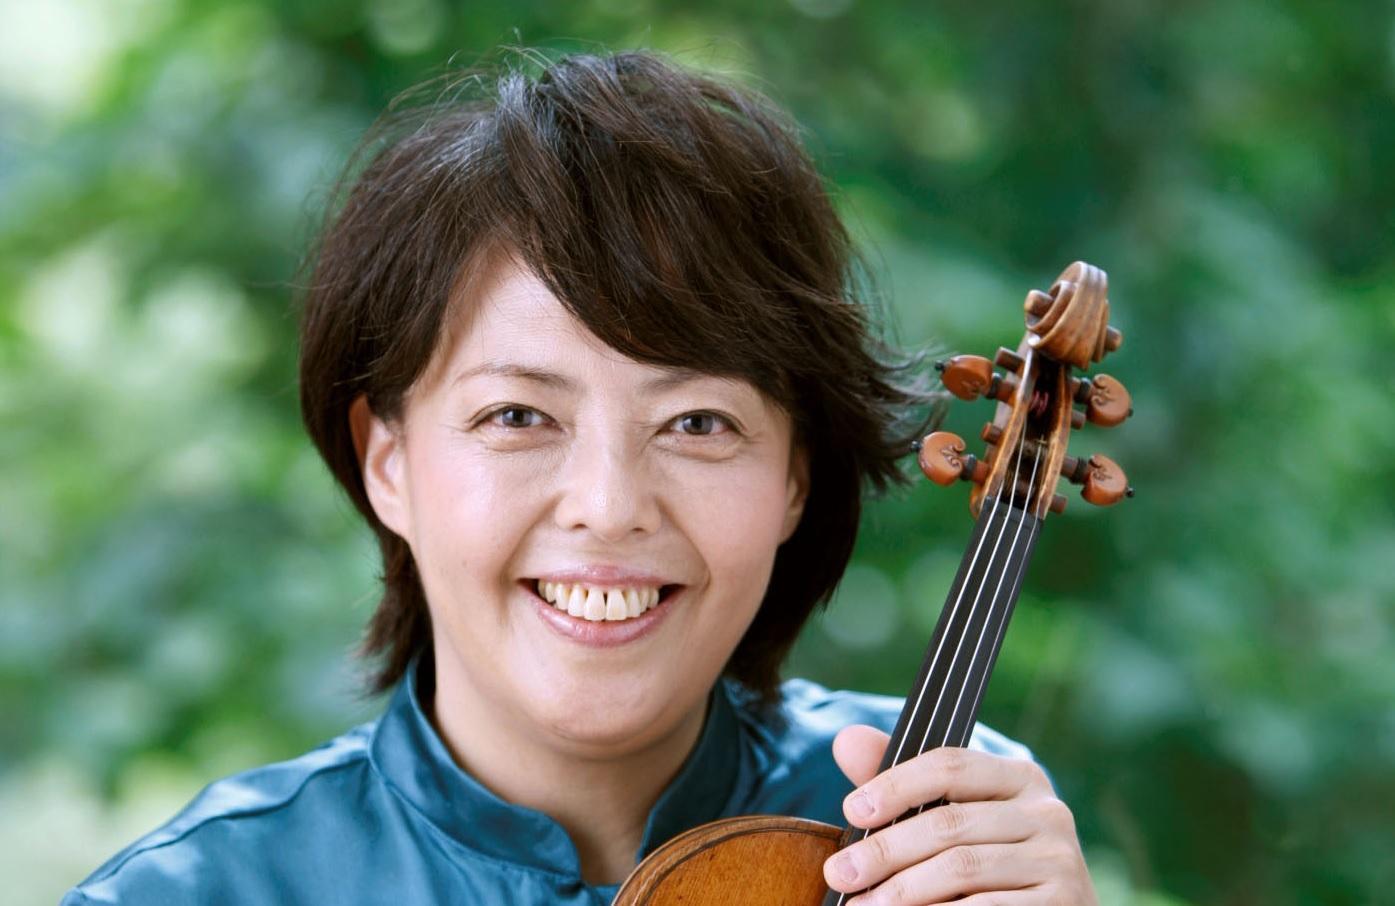 Filarmonica e la violinista Yuzuko Horigome in concerto al Lauro Rossi